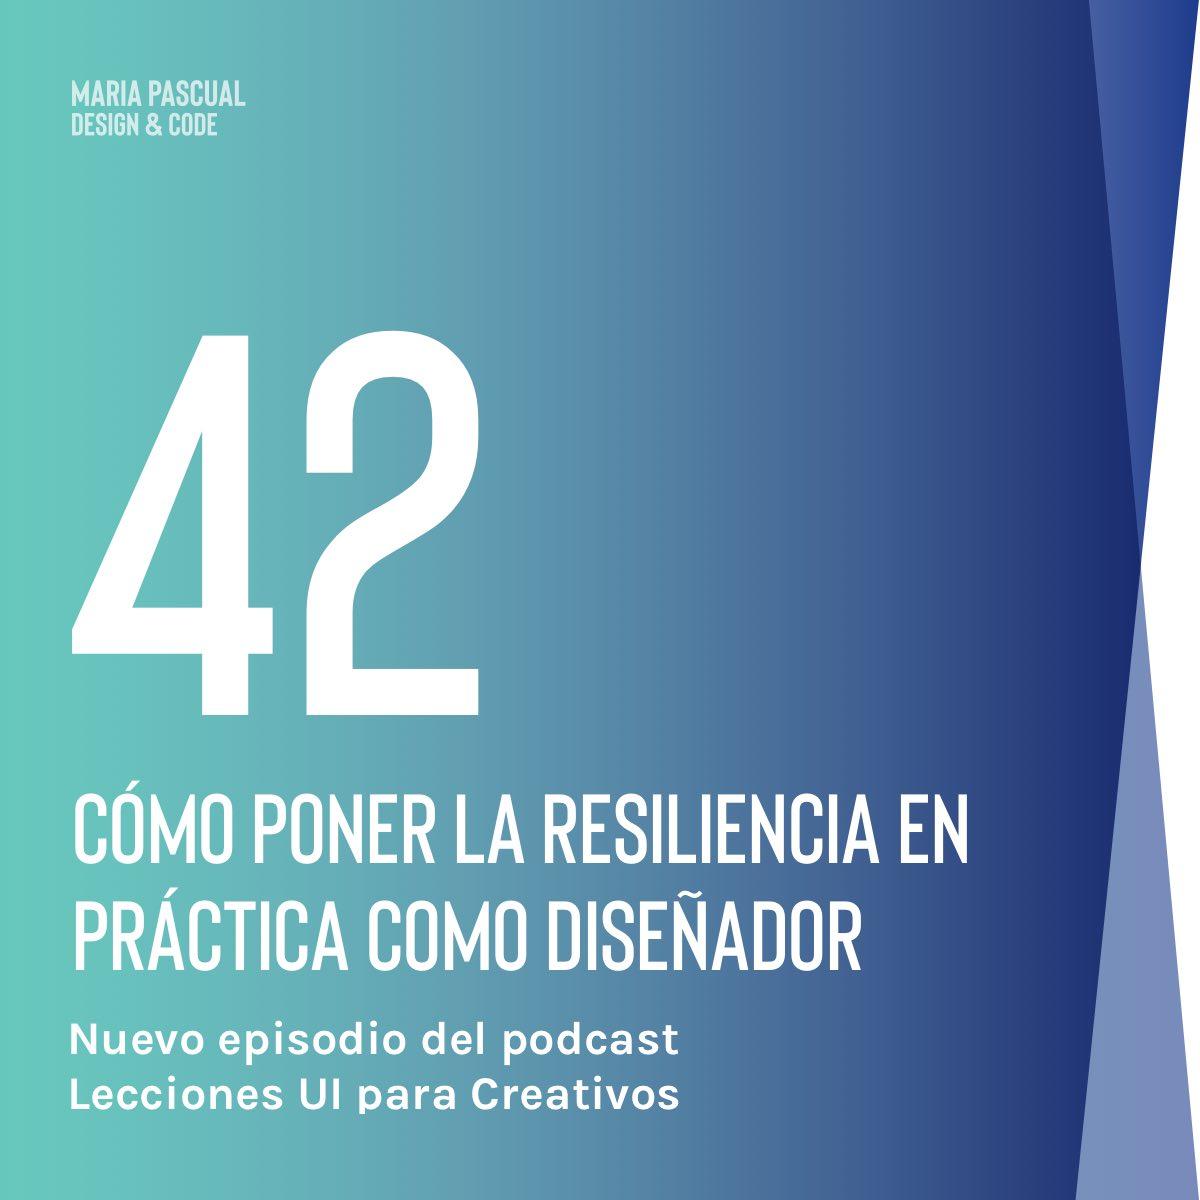 Episodio 42 – Cómo poner la resiliencia en práctica como diseñador